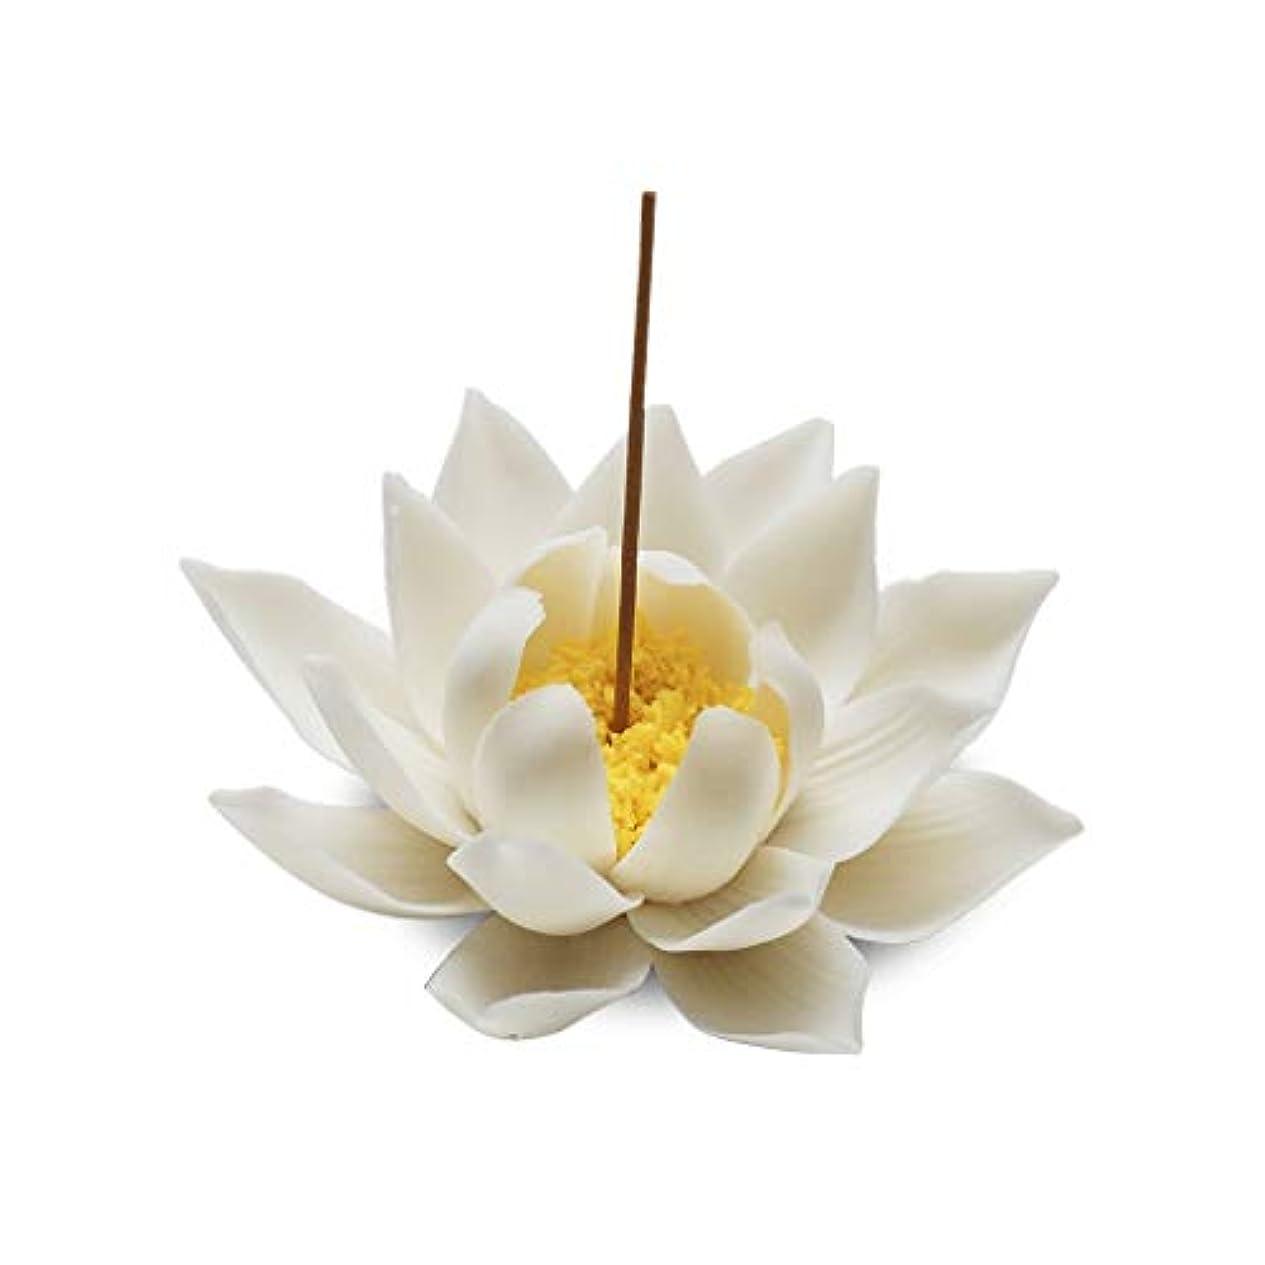 芳香器?アロマバーナー セラミック蓮香バーナー家の装飾香スティックホルダー仏教アロマセラピーホームリビングルームの茶屋 芳香器?アロマバーナー (Color : A)